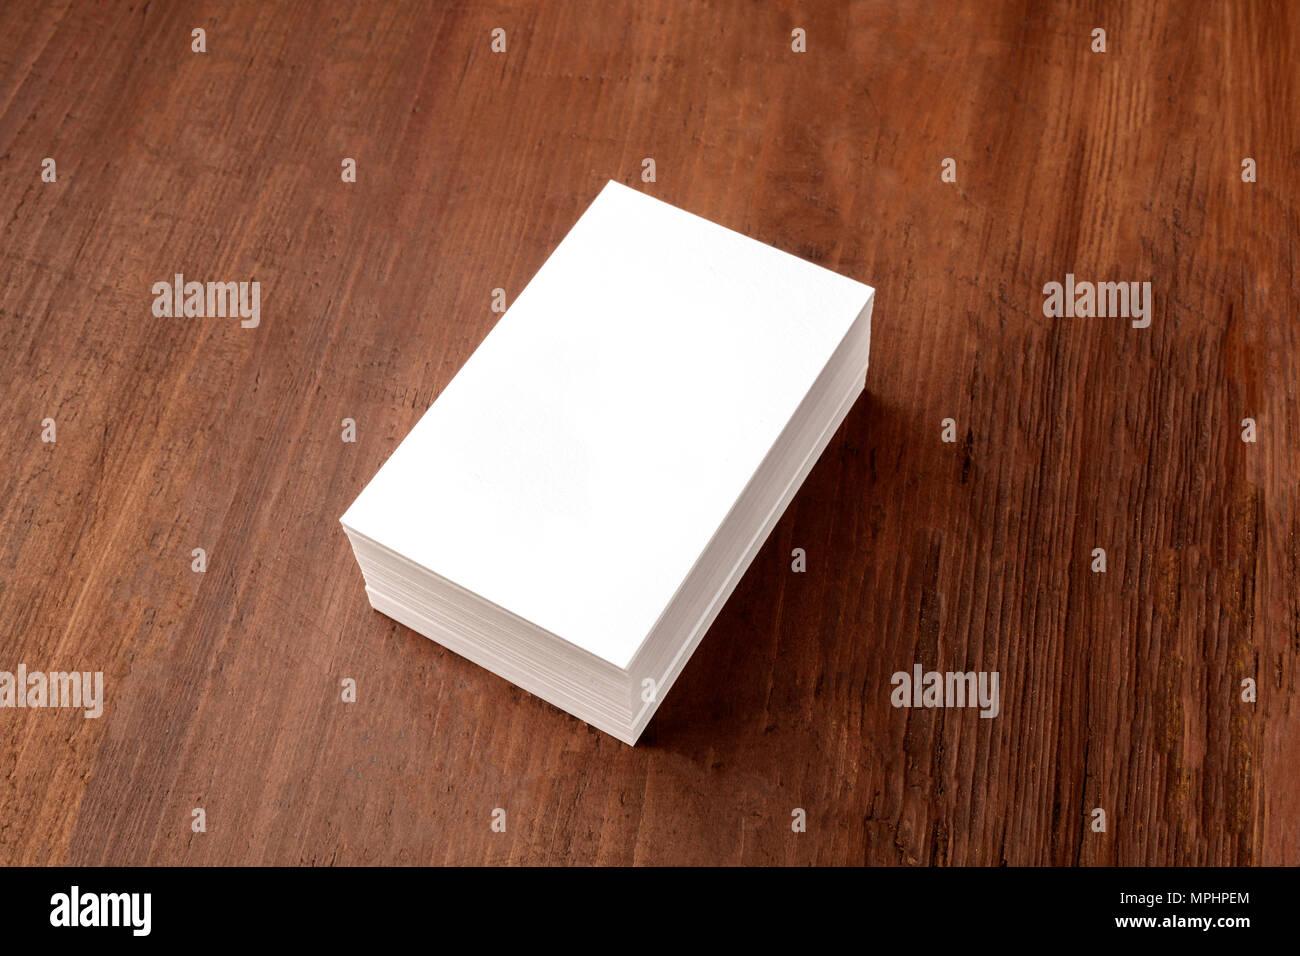 Ein Modell Für Einen Stapel Weiße Visitenkarten Auf Einem